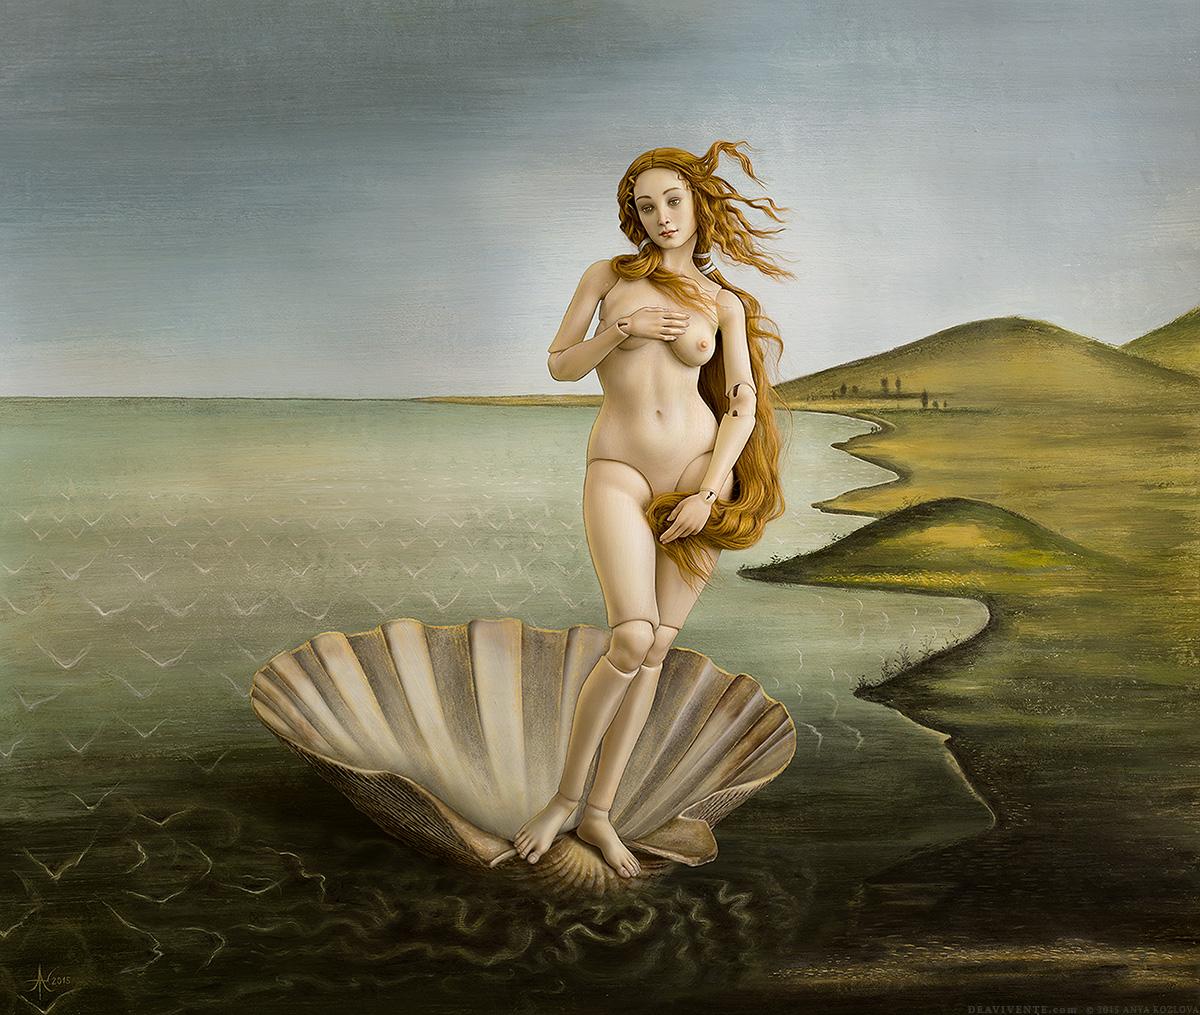 Пейте успокоительное: Венера Боттичелли в трактовках современных художников kaa-annaku_01.jpg